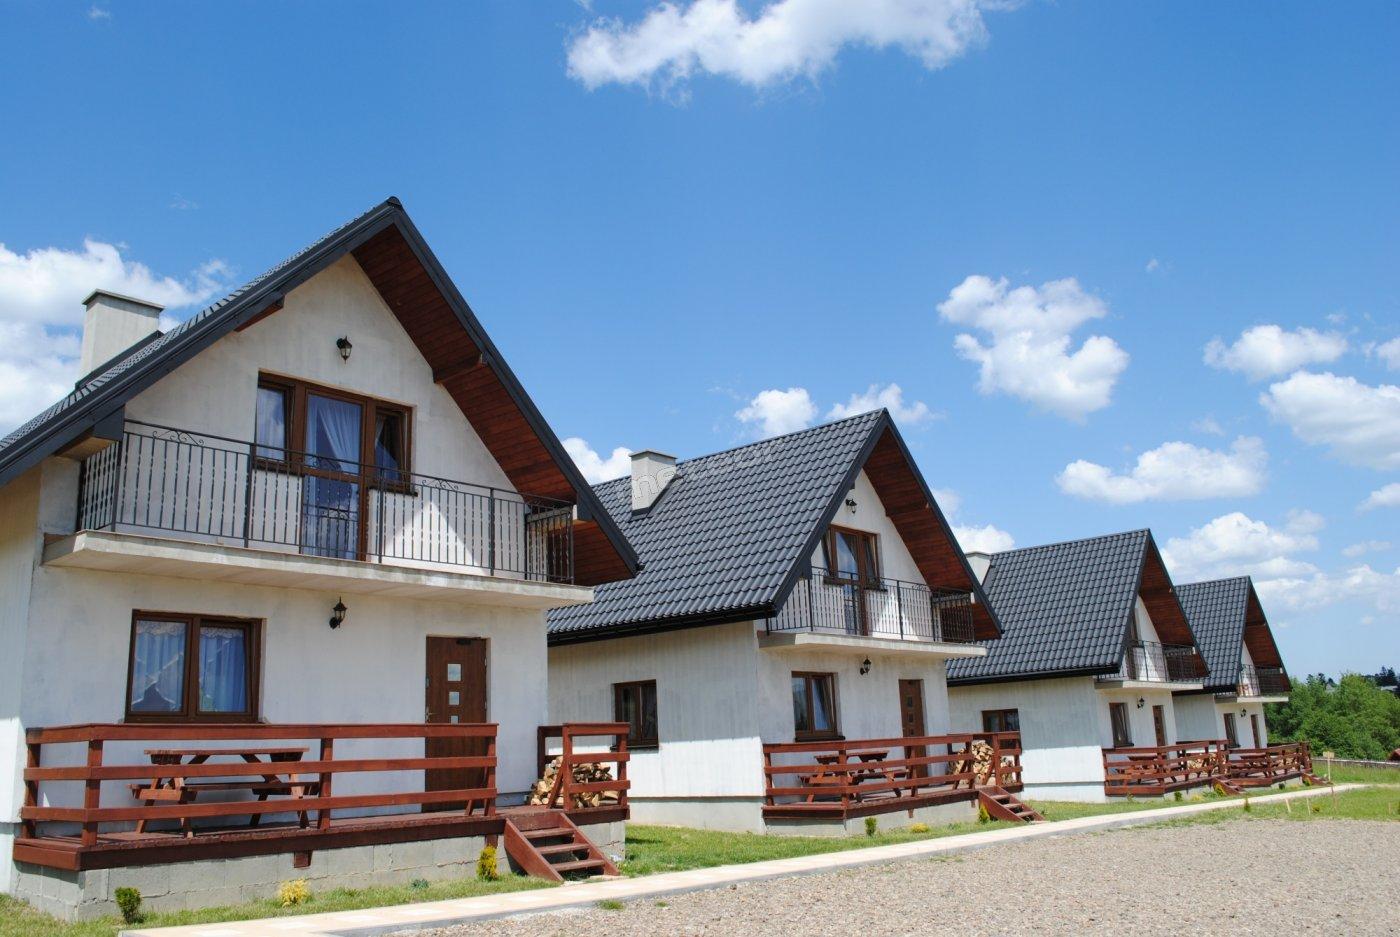 Domki całoroczne przy ul. Spokojnej 29